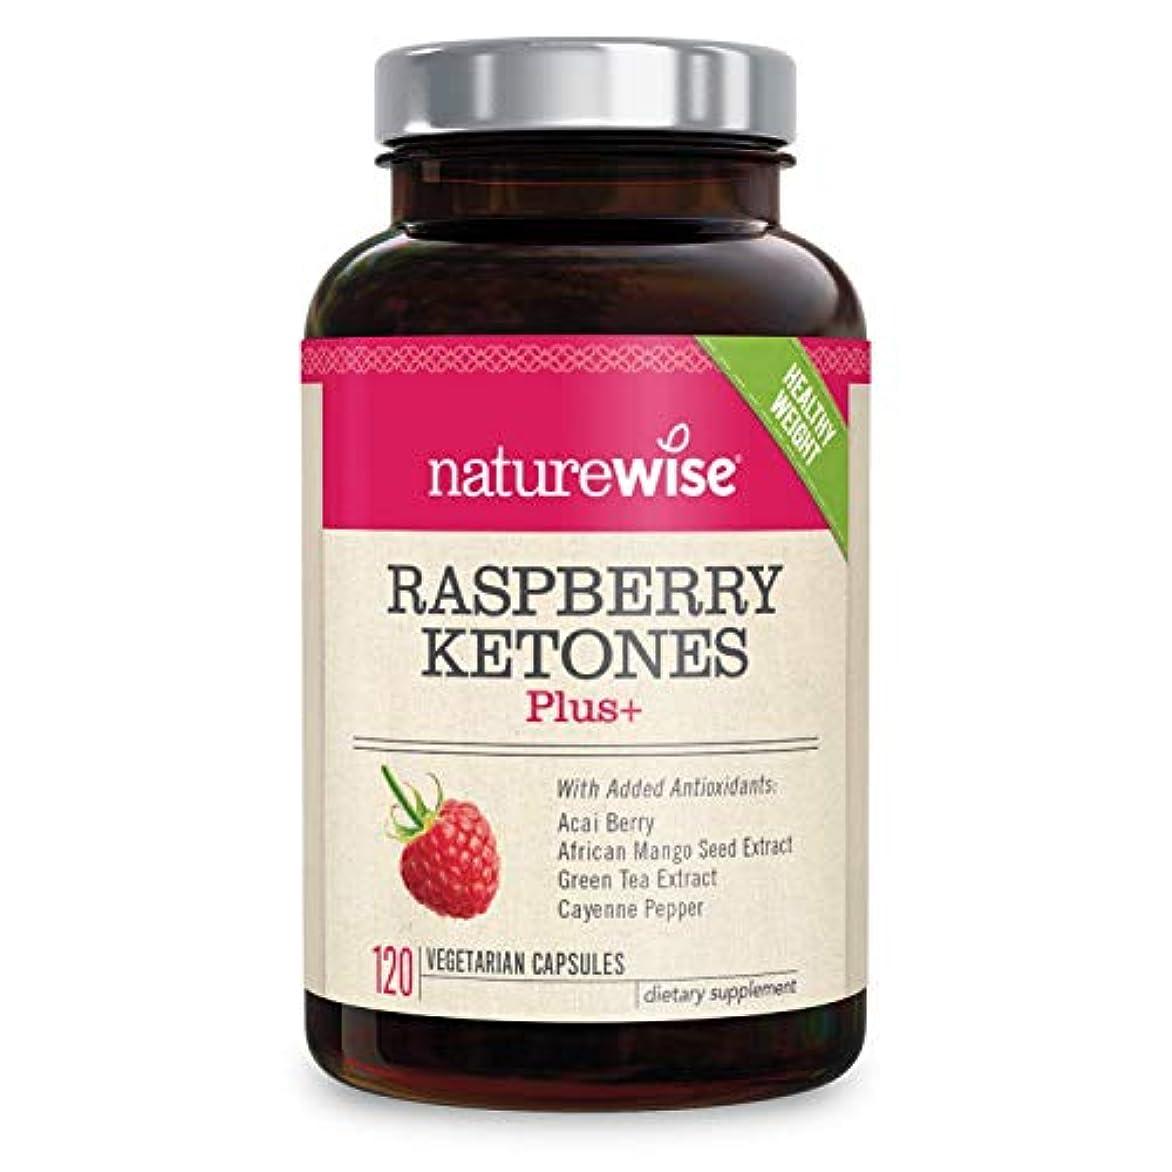 マキシムアーティキュレーションフローNatureWise Raspberry Ketones Plus ラズベリー ケトン プラス ケトジェニック ダイエット サプリ 120粒/60日分 [海外直送品]